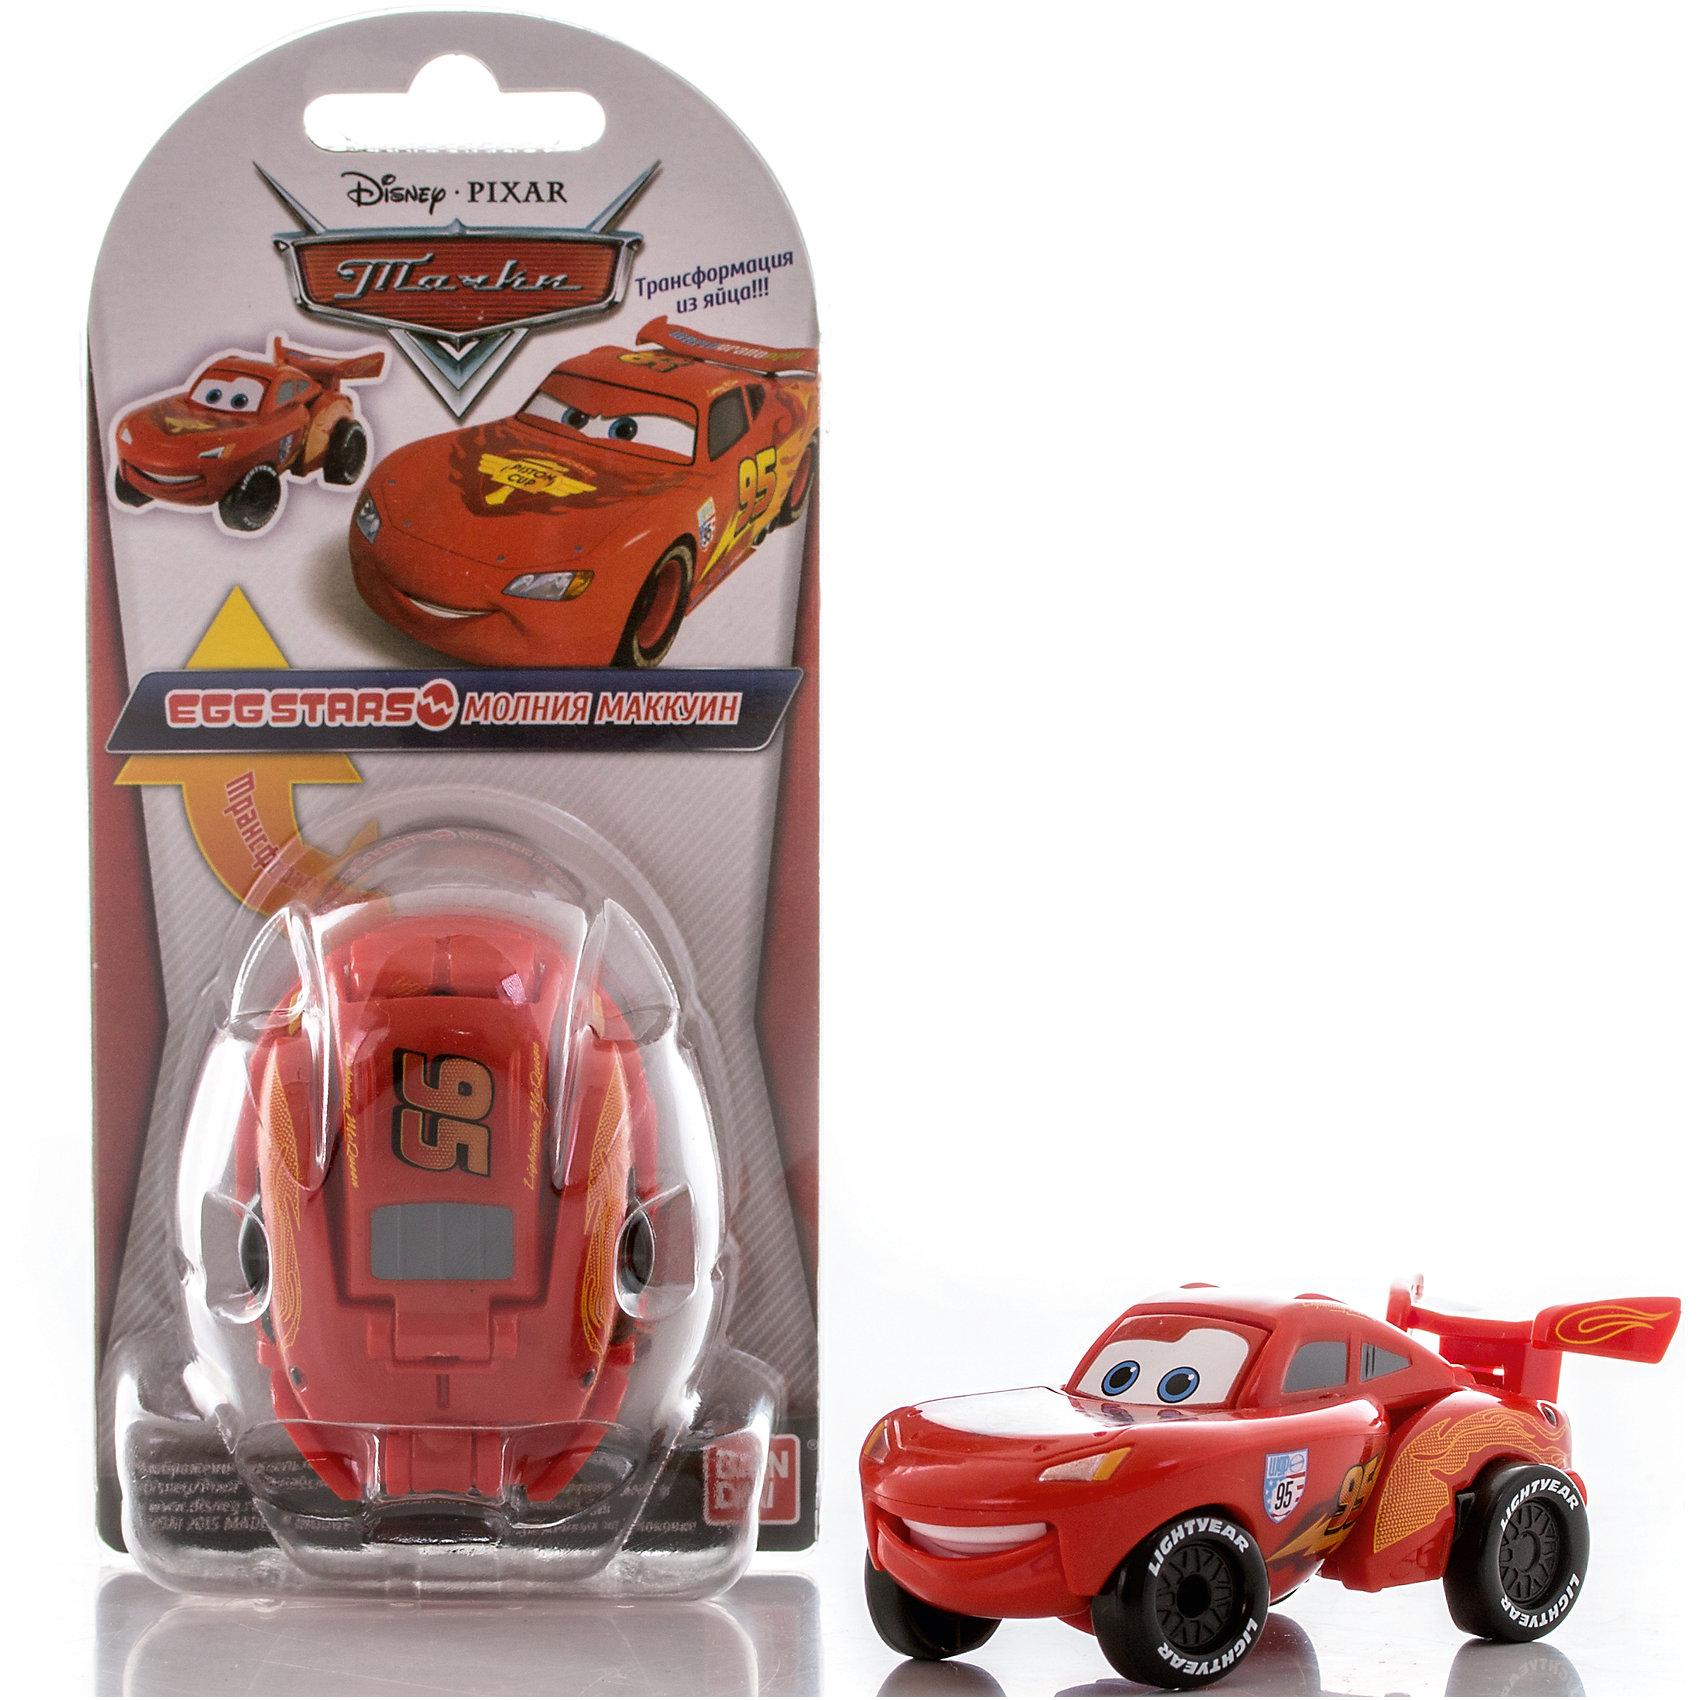 Яйцо-трансформер Молния Маккуин, Тачки, EggStarsКоллекционные и игровые фигурки<br>Благодаря яйцу-трансформеру Ваш малыш сможет получить яркий автомобиль - Молния Маккуин! <br><br>Порадуйте Вашего ребенка таким замечательным подарком!<br><br>Дополнительная информация:<br><br>- Возраст: от 3 лет.<br>- Материал: пластик.<br>- В сложенном виде размер: 9 см.<br>- Размер упаковки: 17х6х8 см.<br><br>Купить яйцо-трансформер Молния Маккуин, можно в нашем магазине.<br><br>Ширина мм: 80<br>Глубина мм: 60<br>Высота мм: 170<br>Вес г: 69<br>Возраст от месяцев: 48<br>Возраст до месяцев: 144<br>Пол: Мужской<br>Возраст: Детский<br>SKU: 4929046